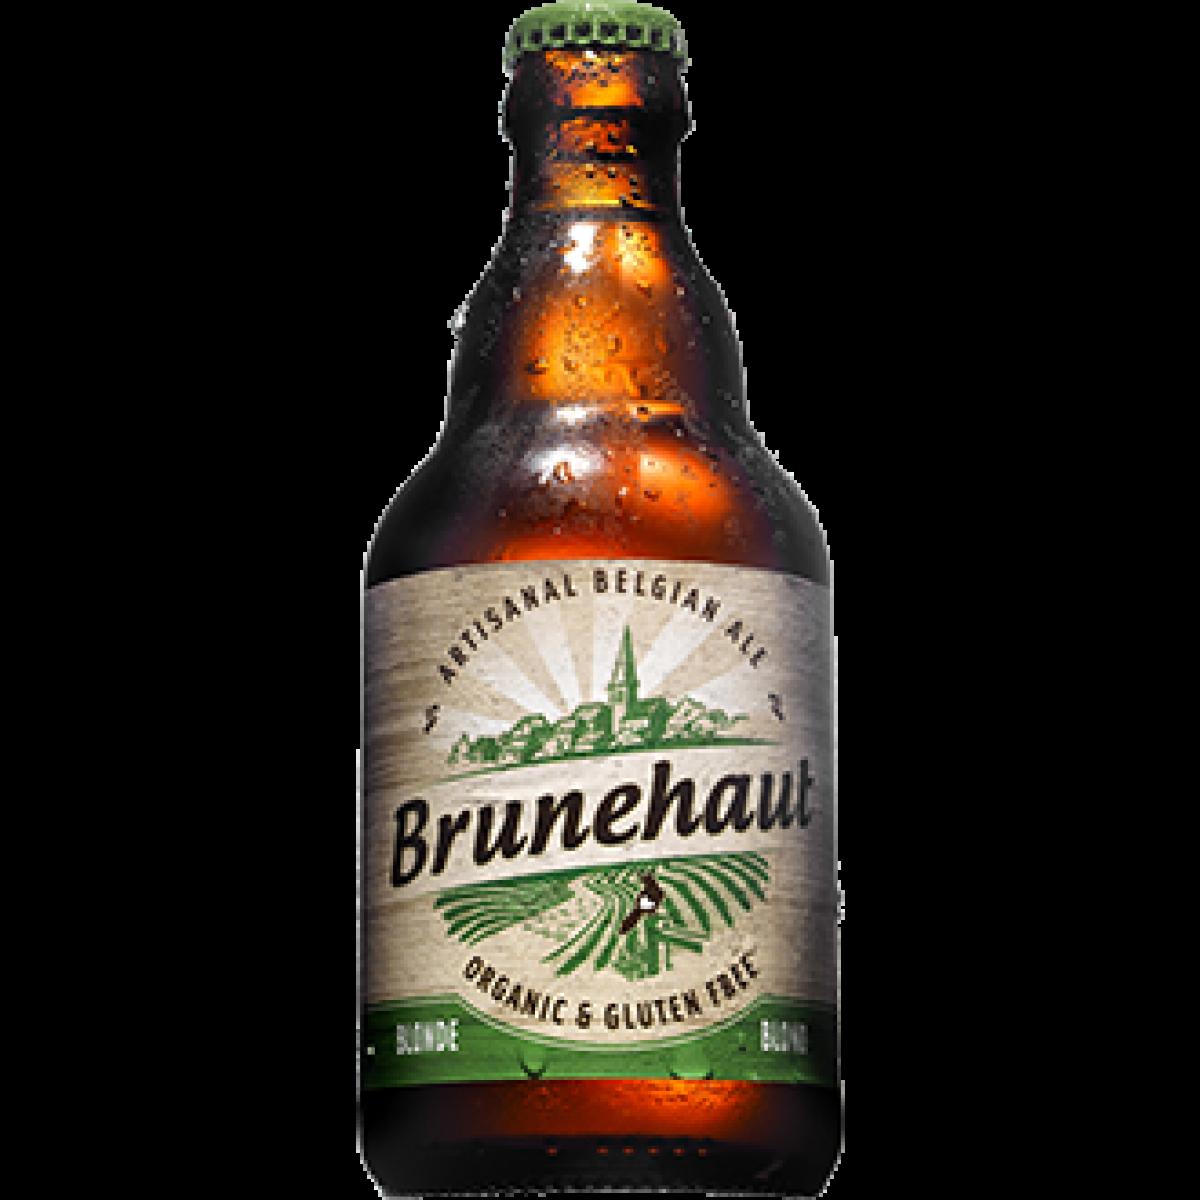 Brunehaut Blond Bier GV-LV-MV-SV